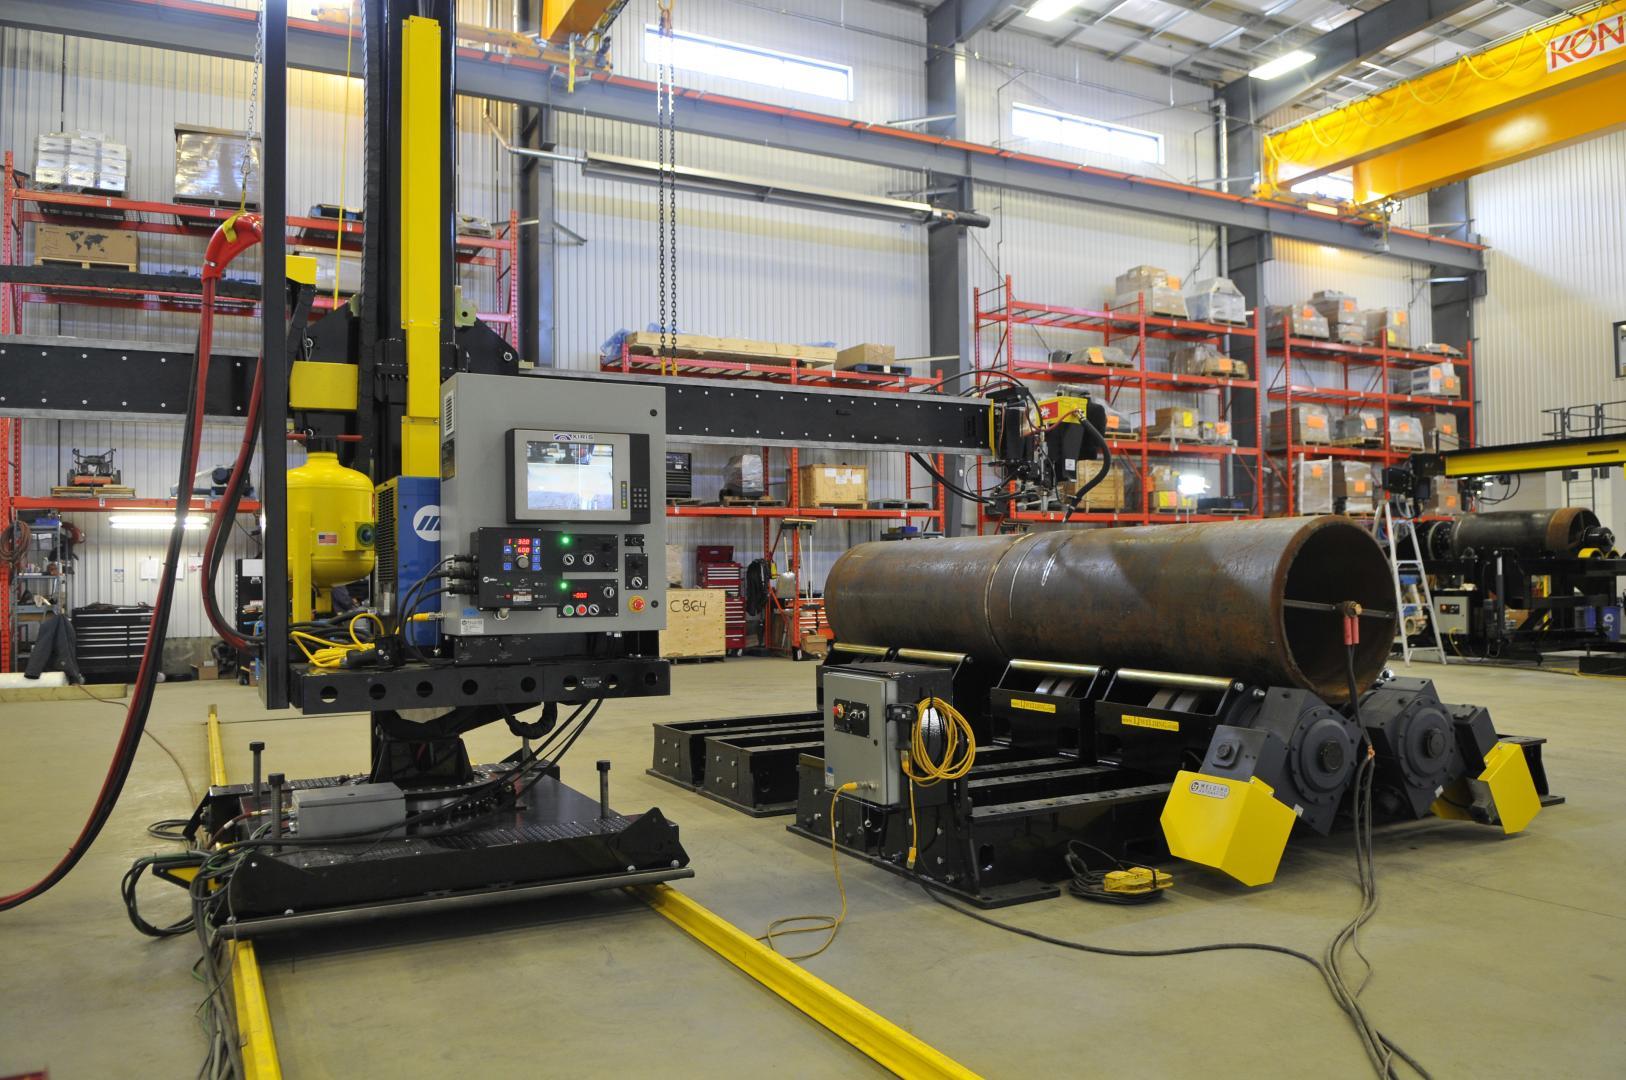 gear tilt pipe welding positioner for sale or rent